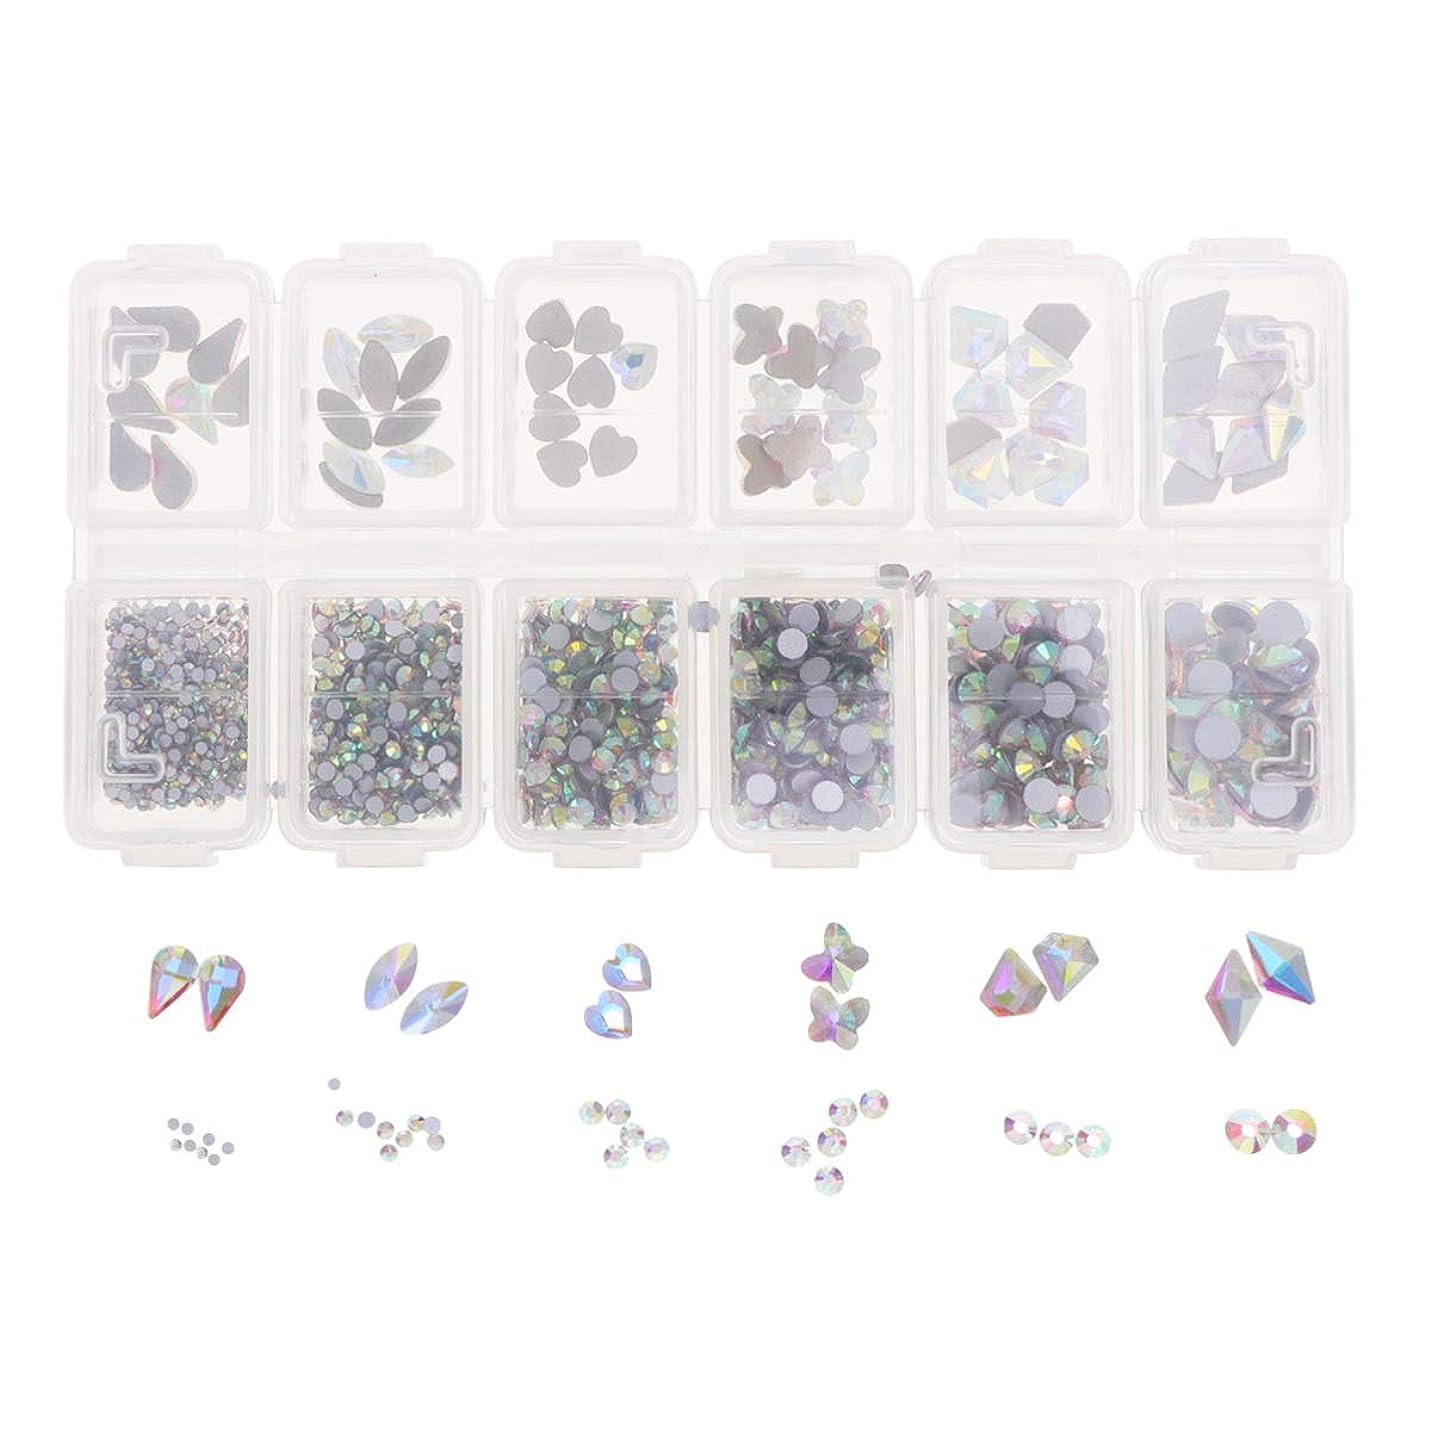 どれか傀儡動力学Lurrose 1788ピースネイルアートラインストーンキット12コンパートメントdiyラインストーンクリスタルダイヤモンドビーズ用女の子ネイルアート装飾用品